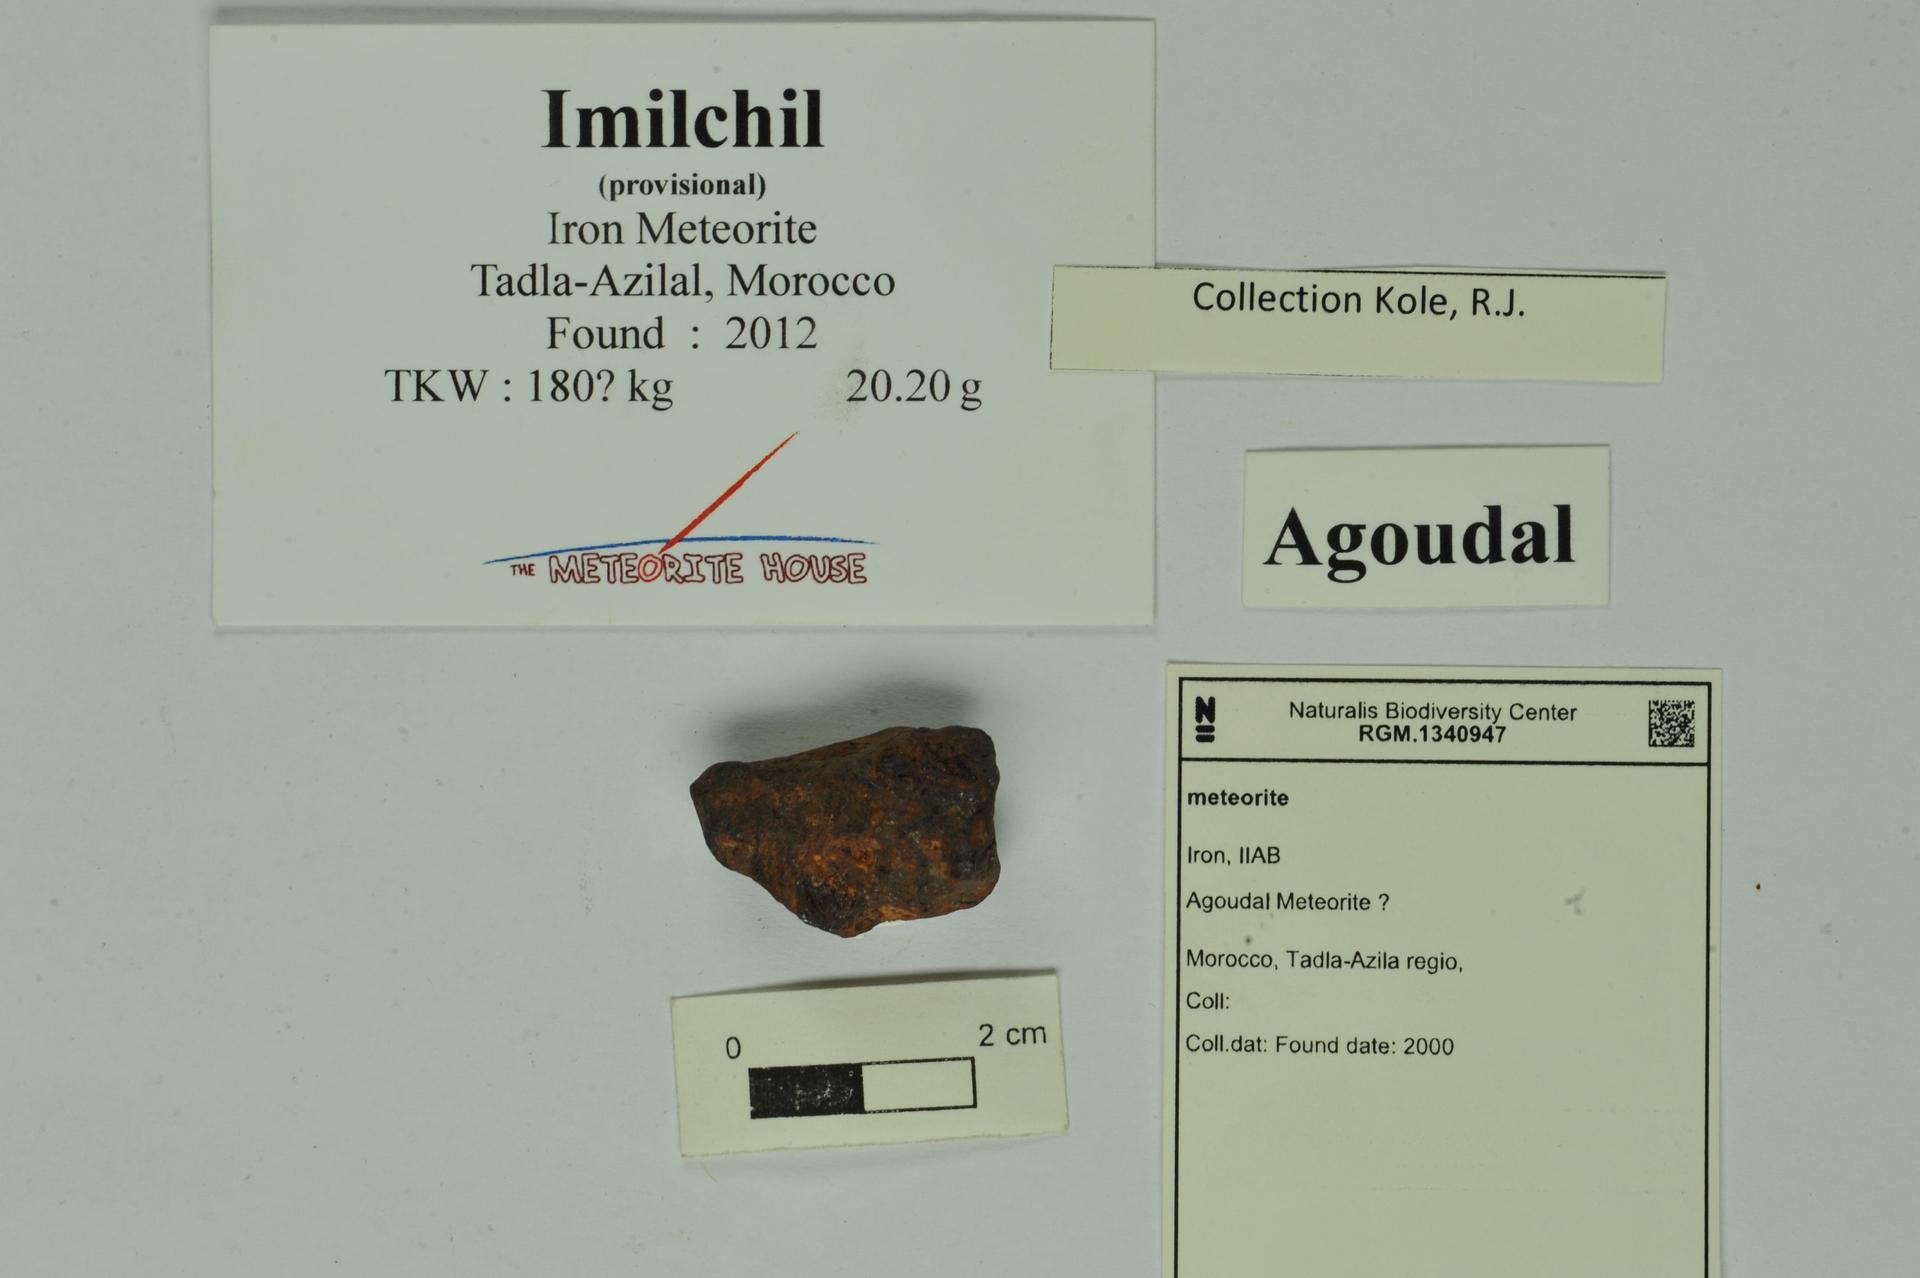 RGM.1340947 | Iron, IIAB